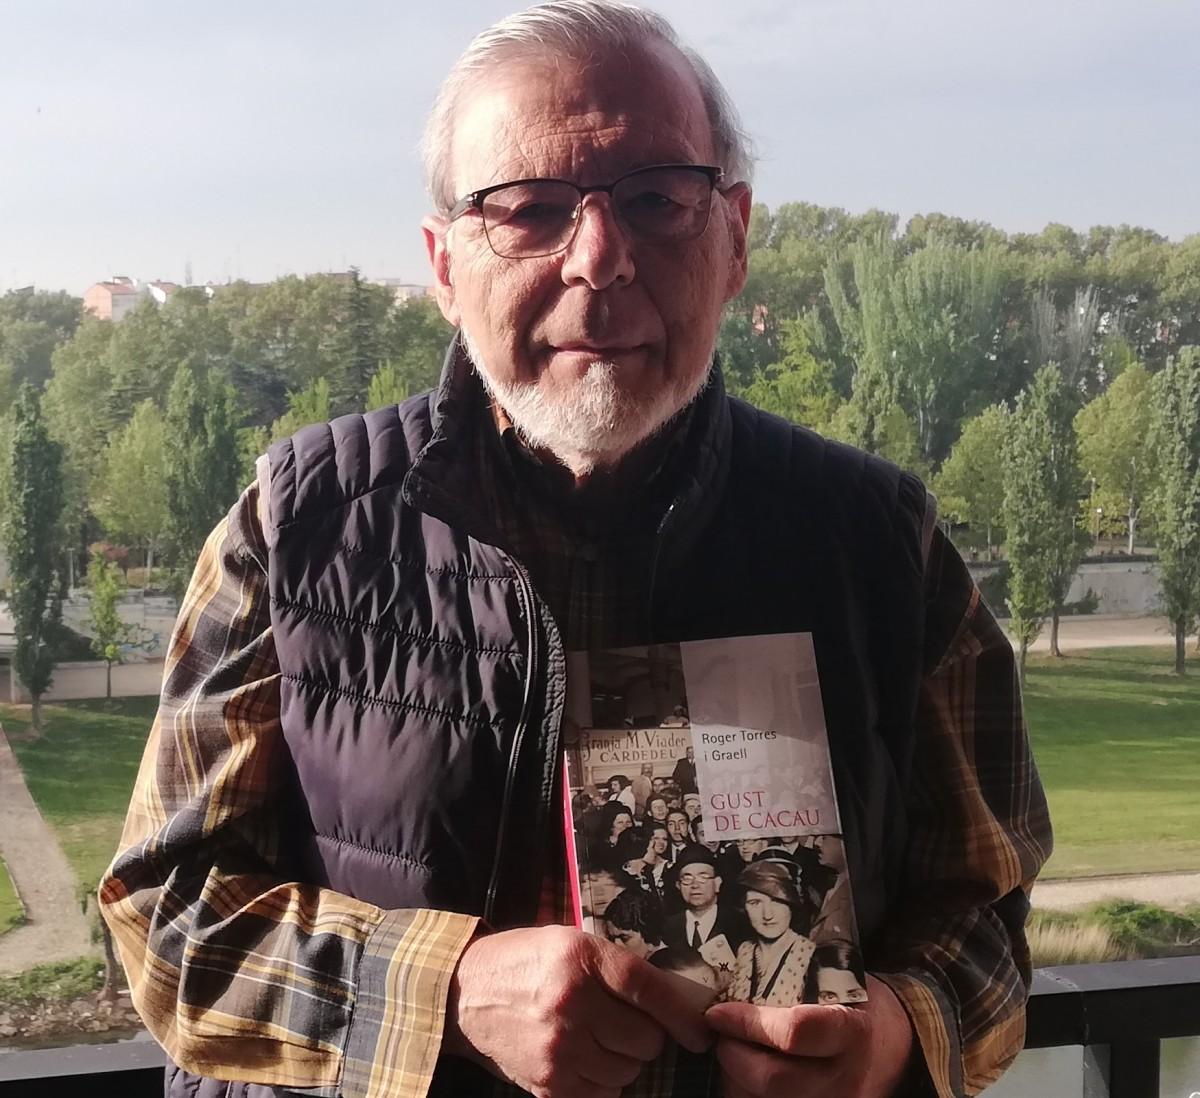 Roger Torres i Graell, amb el seu llibre